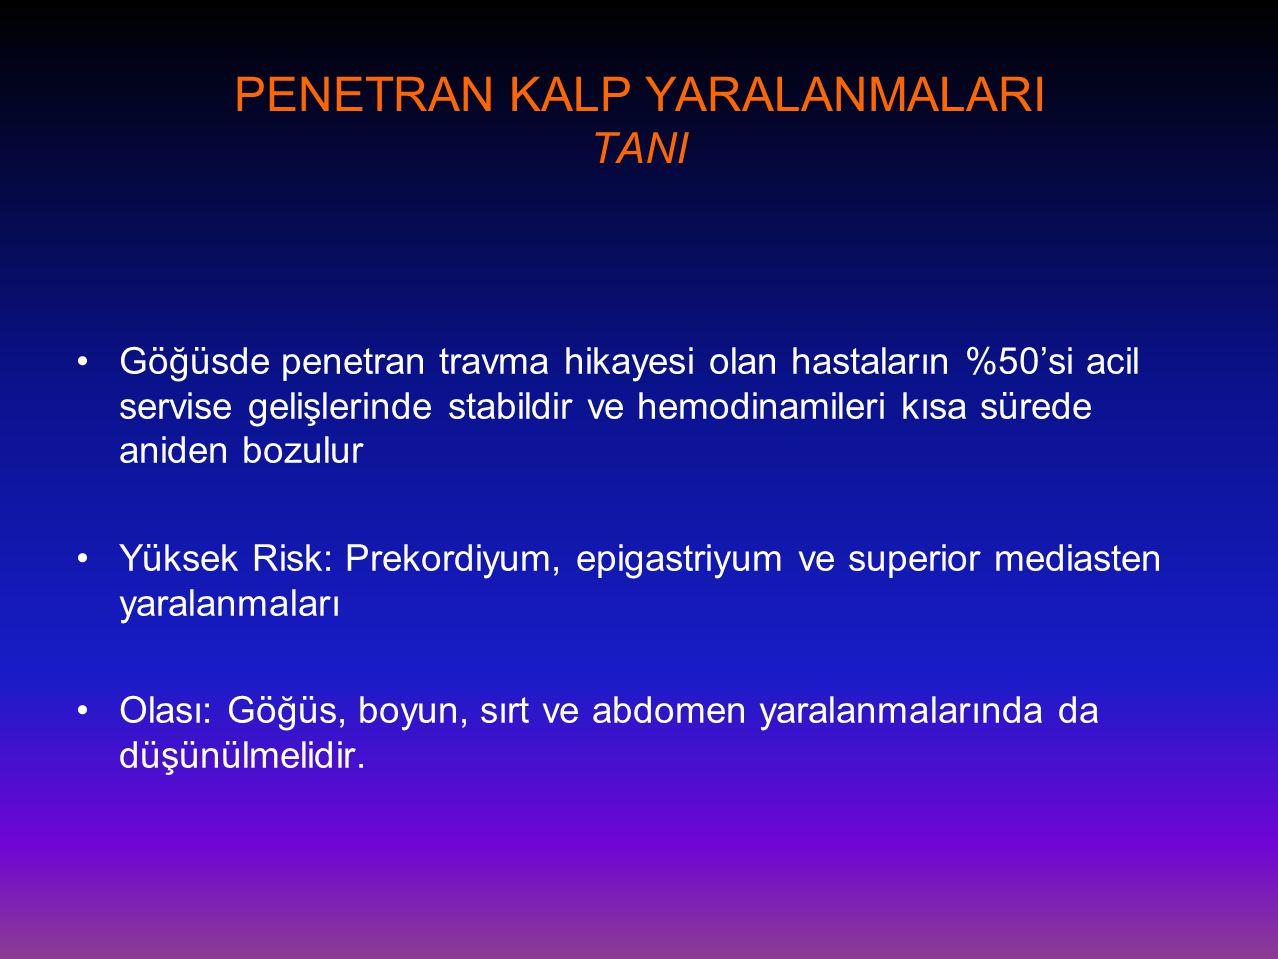 PENETRAN KALP YARALANMALARI TANI •Göğüsde penetran travma hikayesi olan hastaların %50'si acil servise gelişlerinde stabildir ve hemodinamileri kısa s